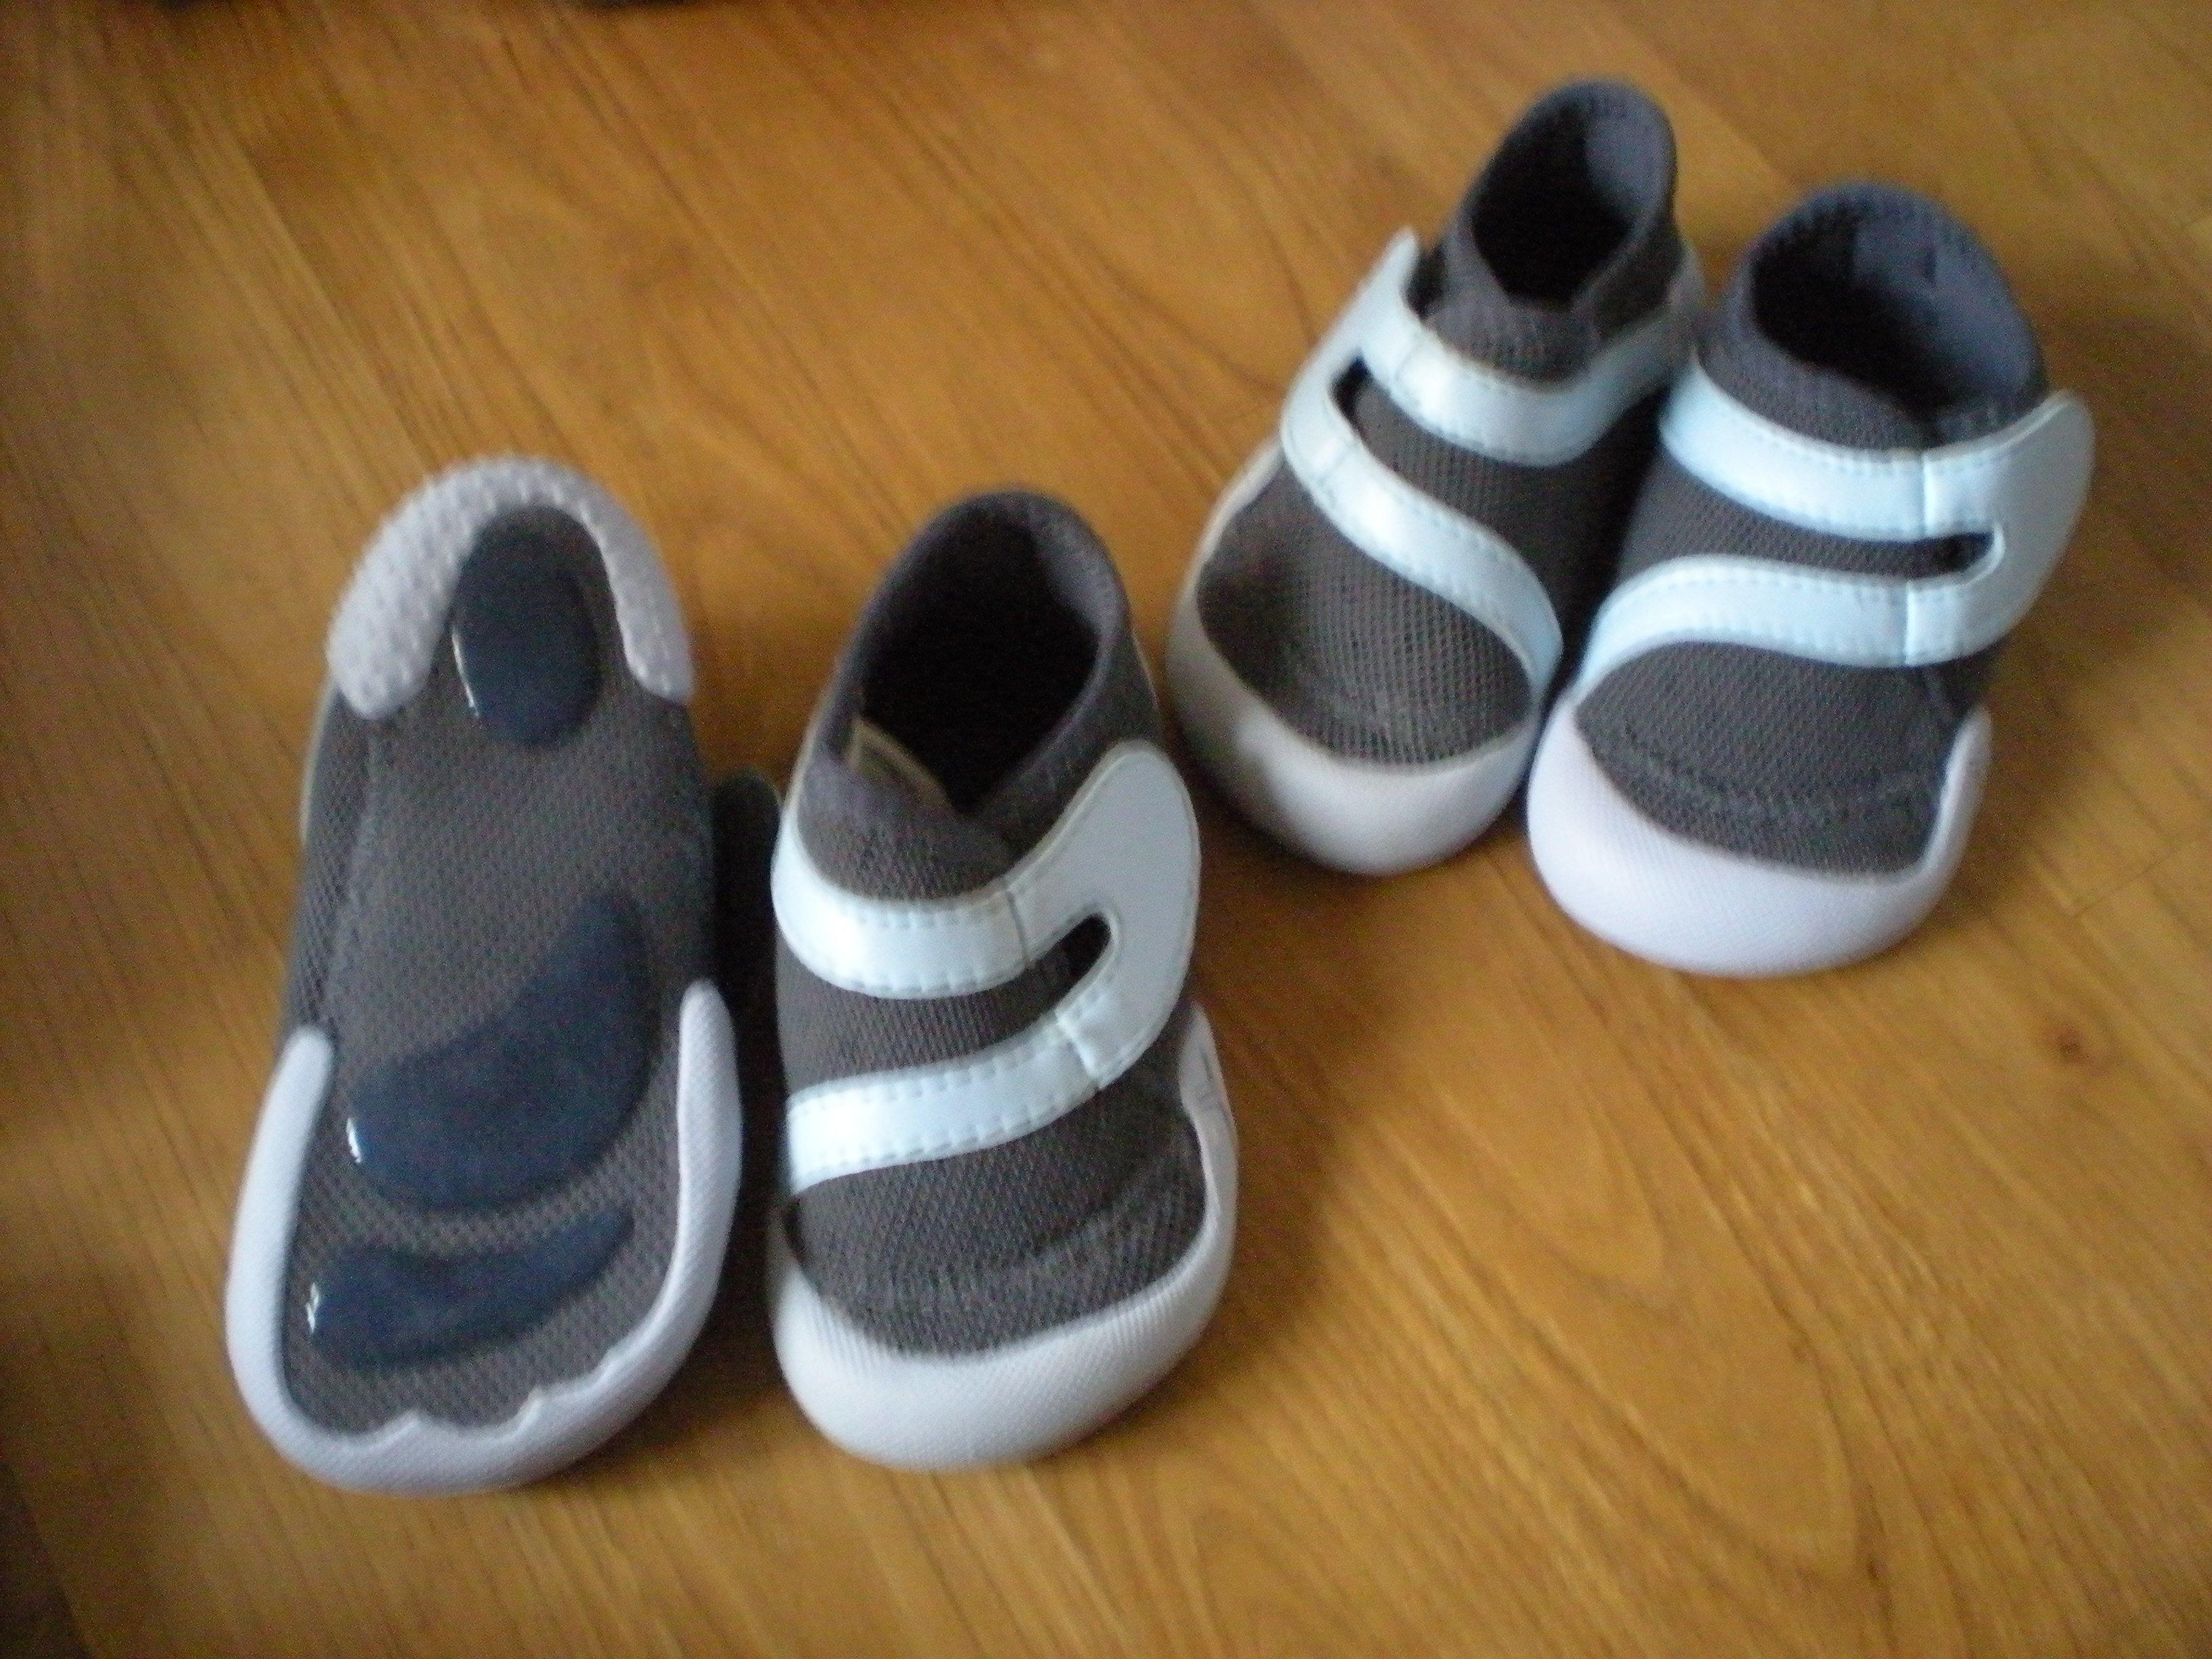 Vente en gros Conteneur de marque chaussures baby gym decathlon ... 1be59b0fa36